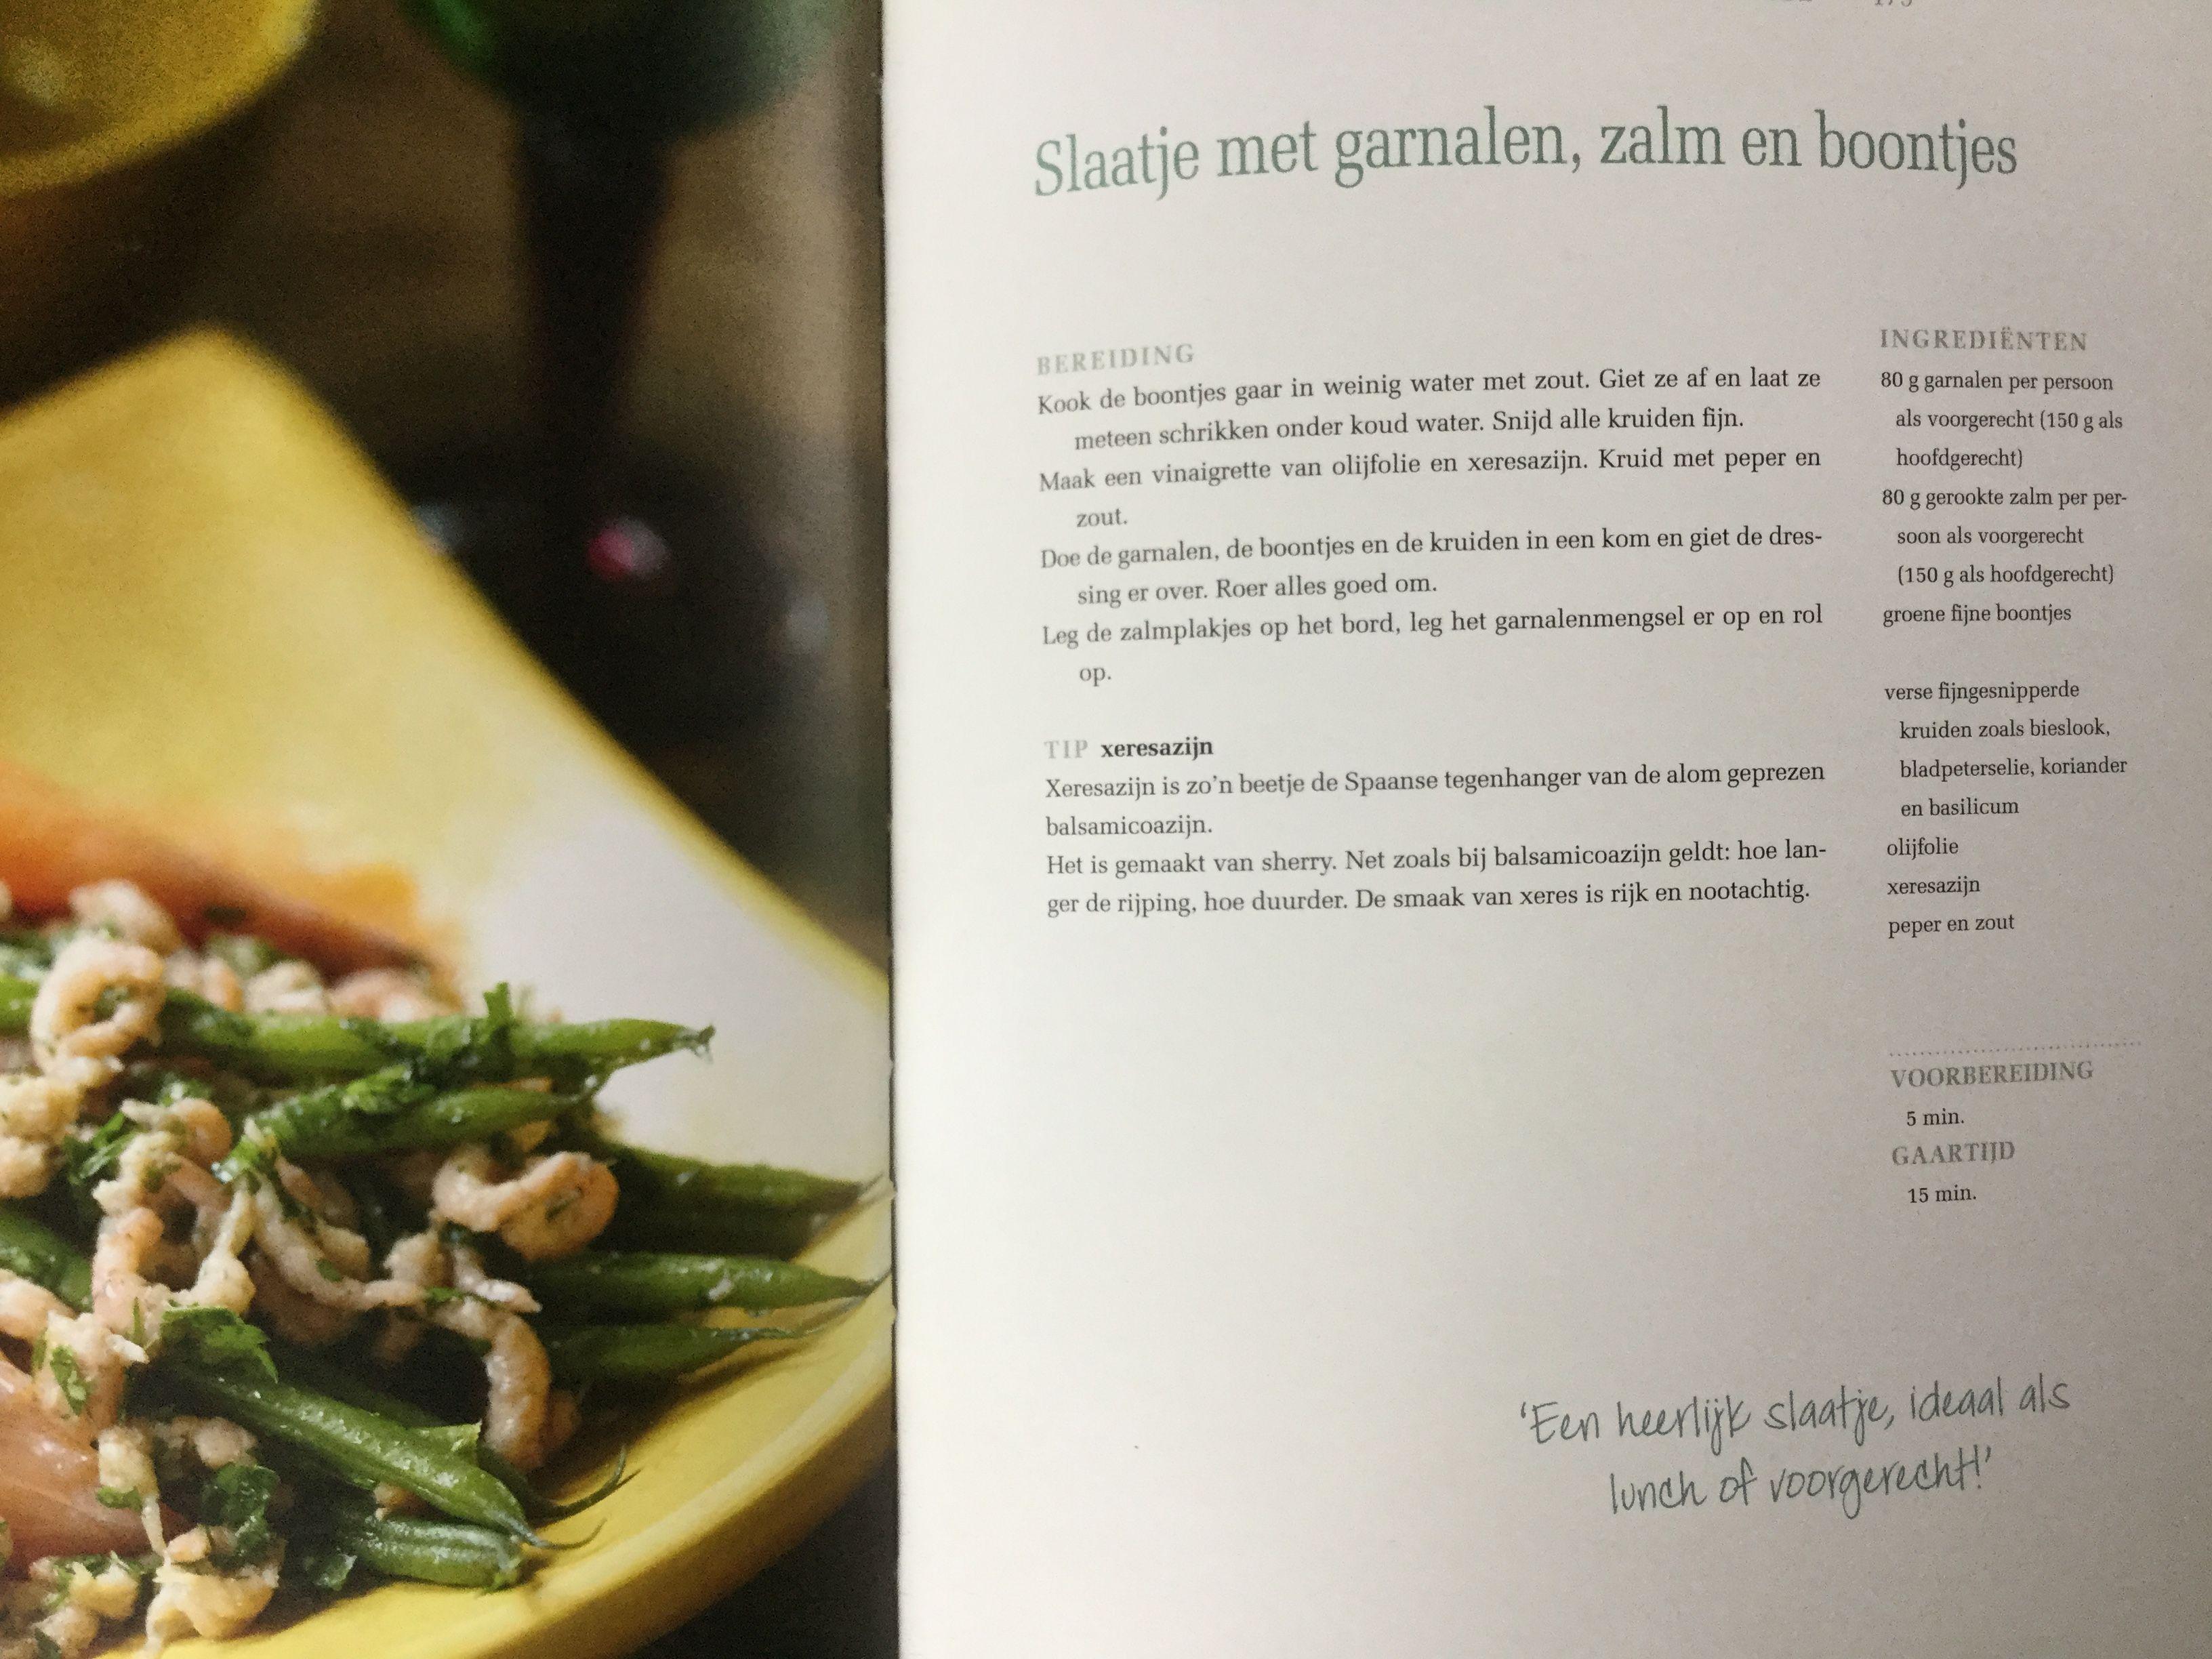 Mijn Pure Keuken : Slaatje met garnalen zalm en boontjes pascal naessens mijn pure